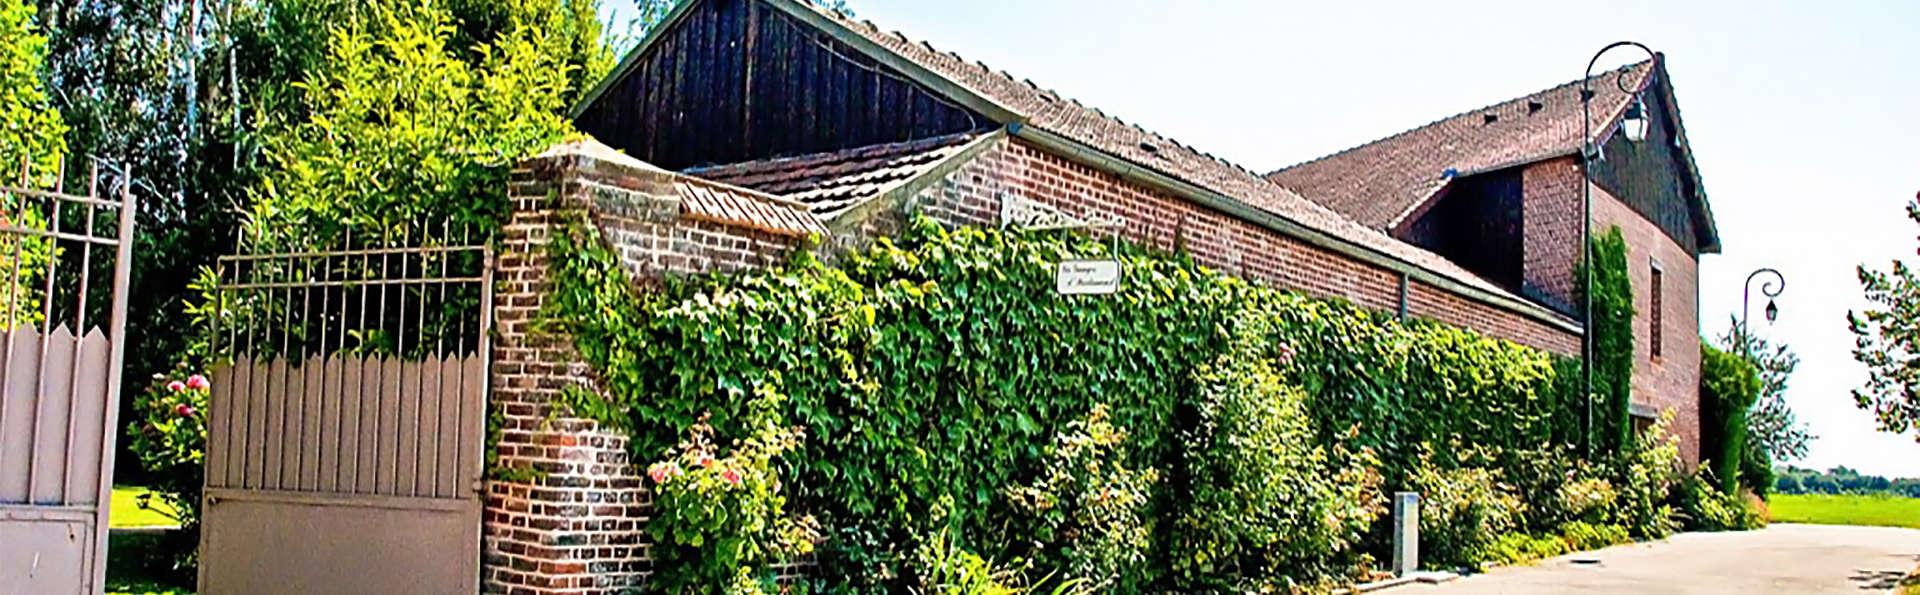 Les Granges d'Haillancourt - EDIT_ext1.jpg